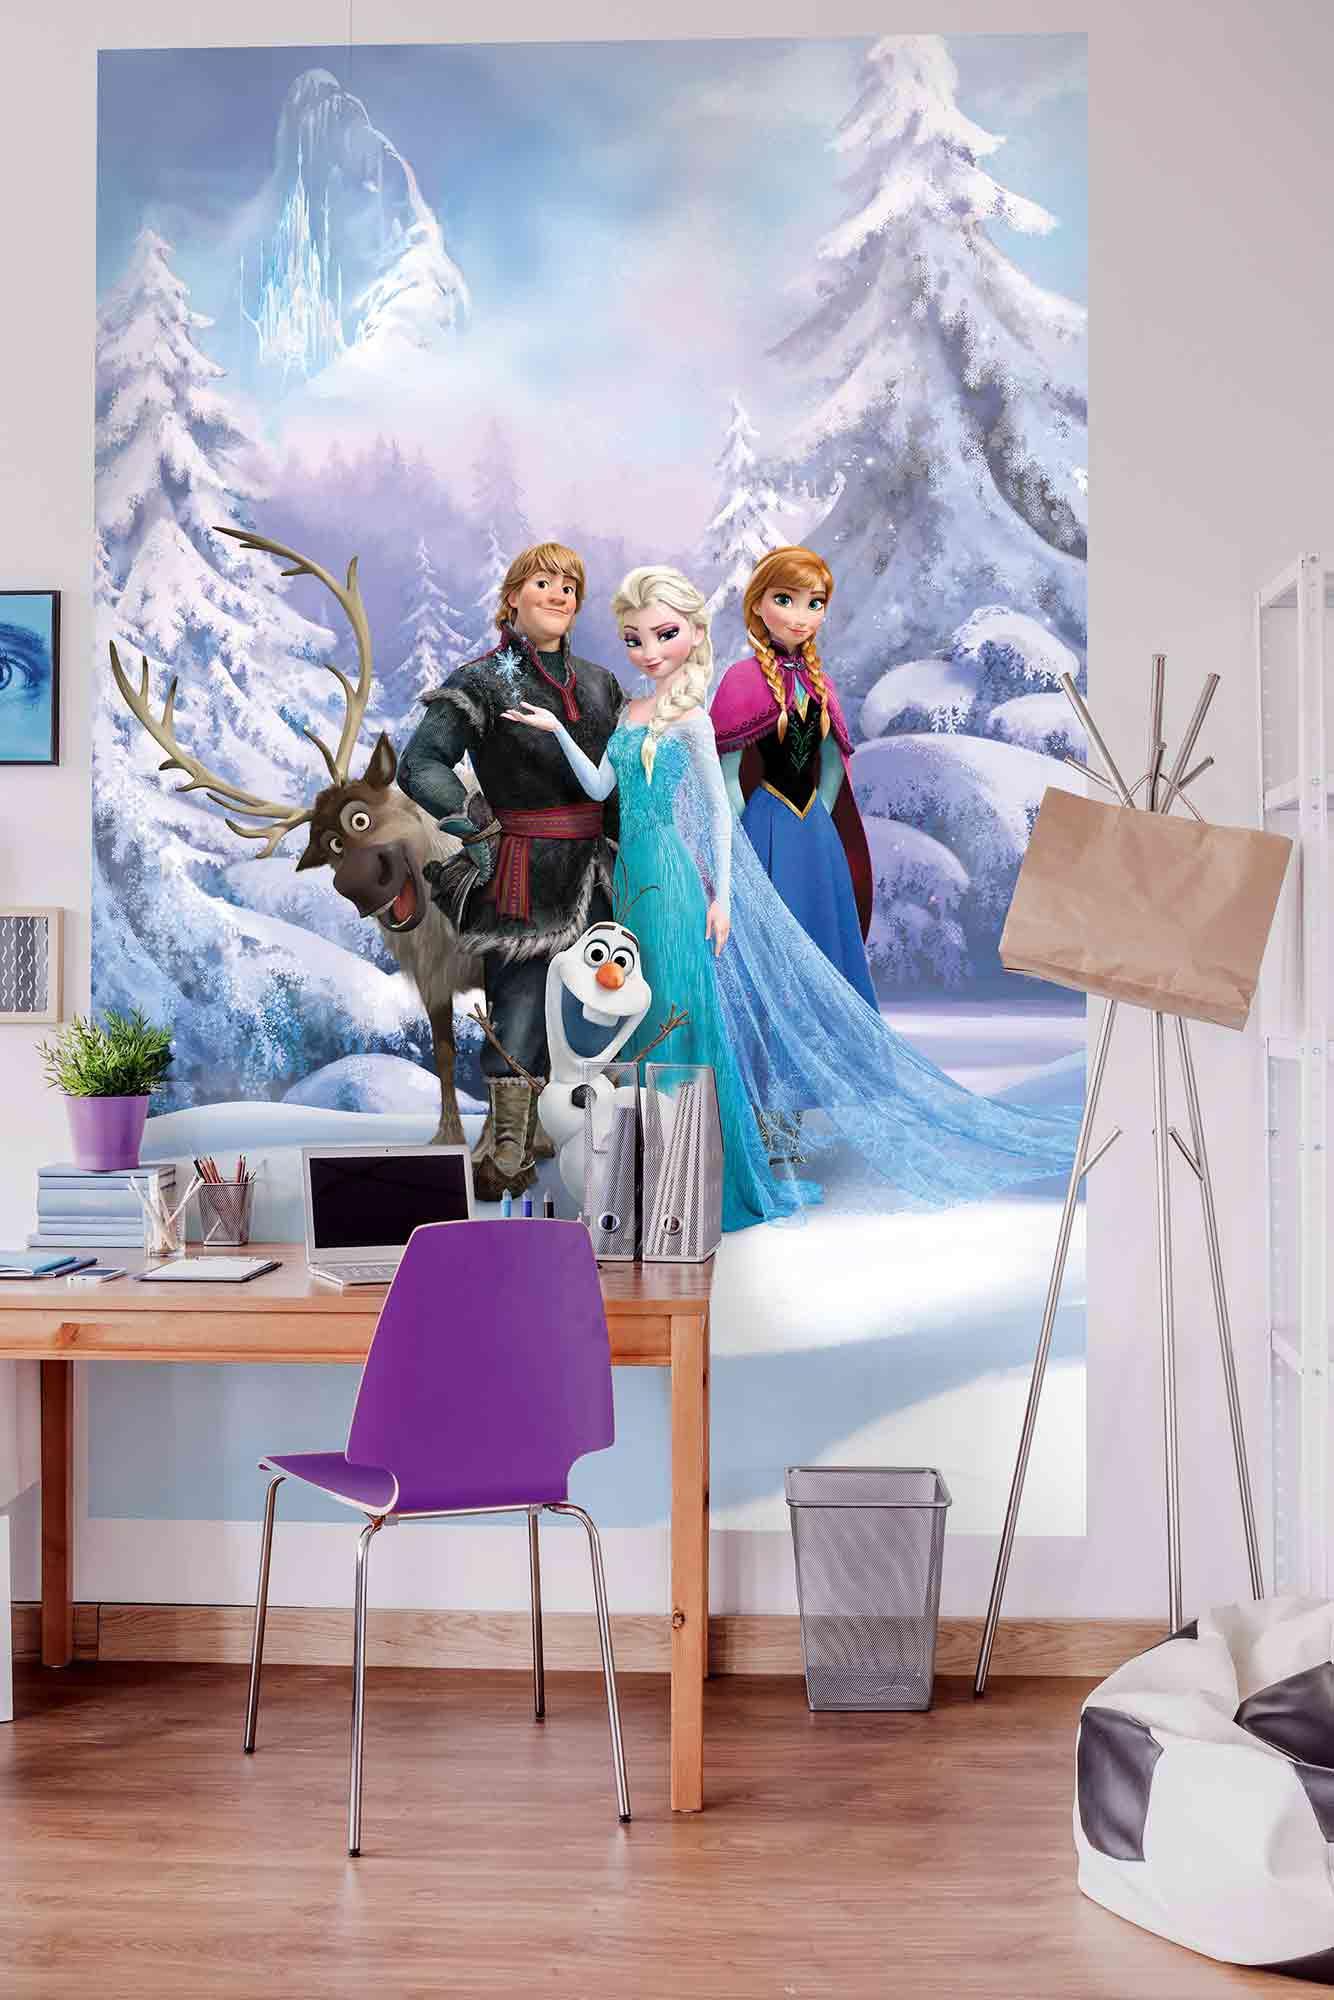 Full Size of Tapeten Für Kinderzimmer Disney Elsa Frozen Forest Winter Land Fototapete Kindertapeten Wasserhahn Küche Schlafzimmer Kopfteile Betten Deko Stuhl Regale Kinderzimmer Tapeten Für Kinderzimmer